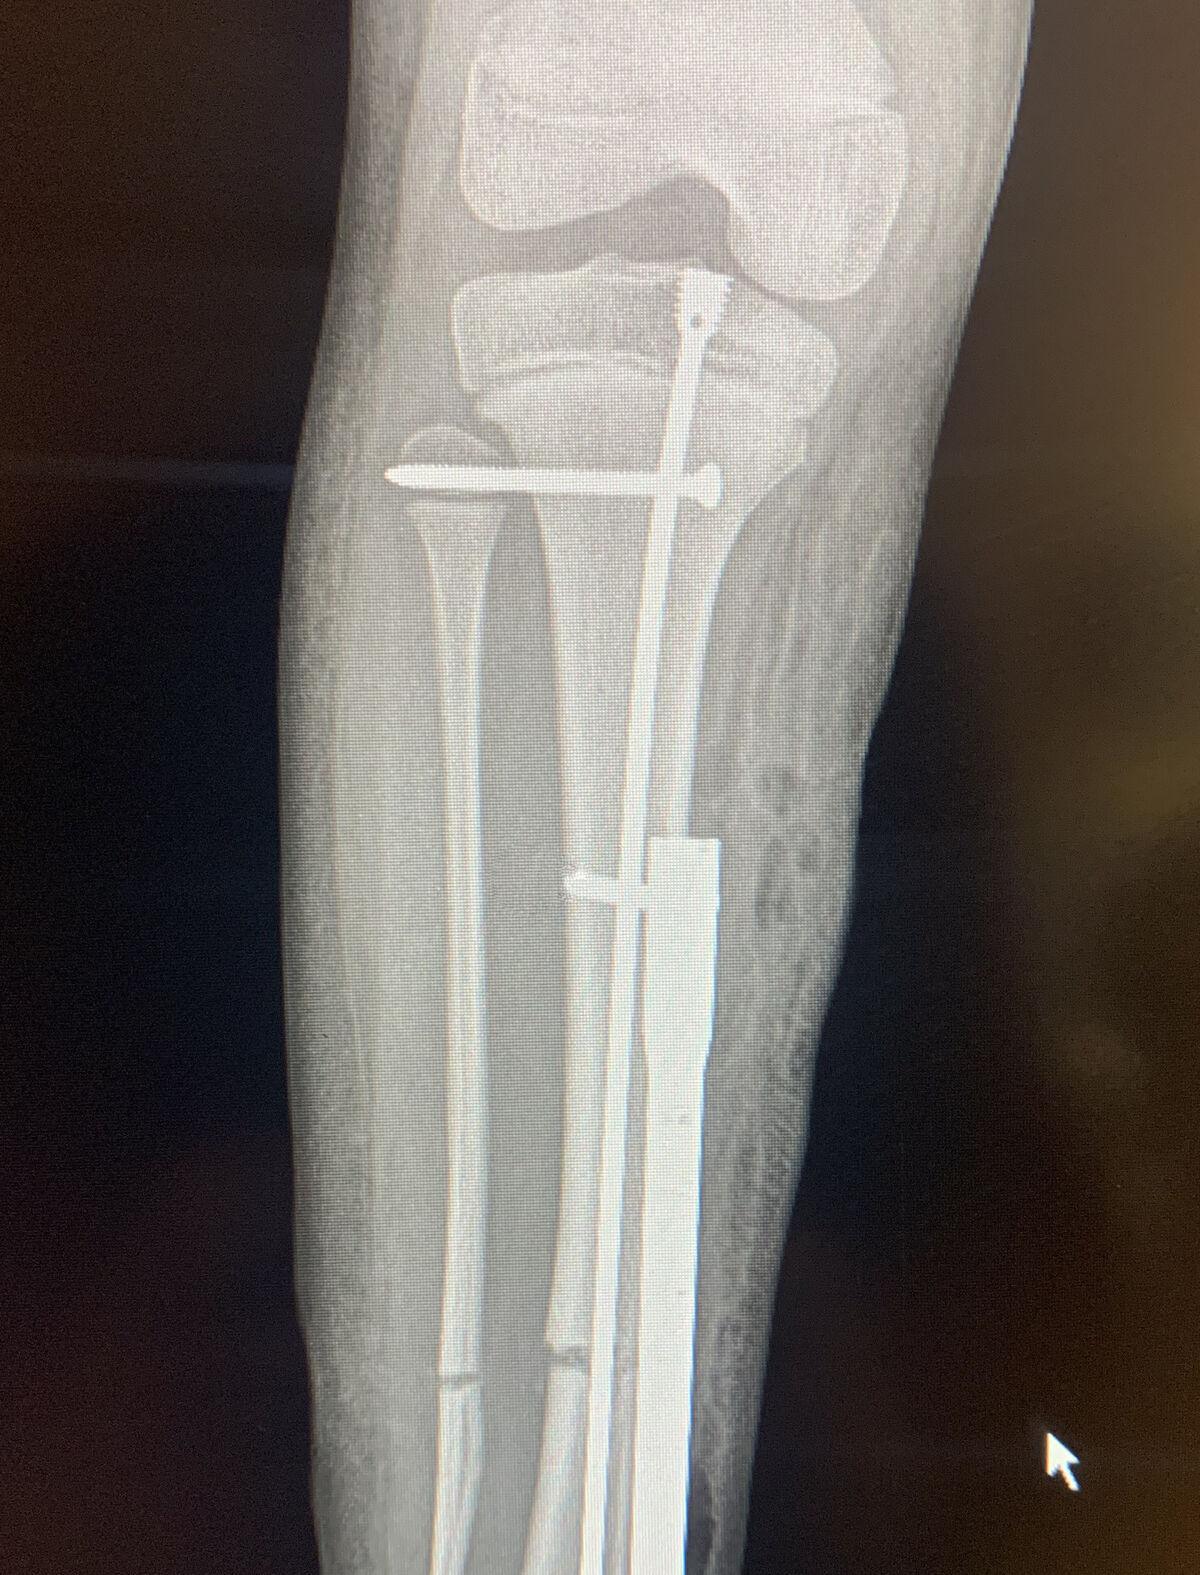 La imagen muestra el dispositivo de alargamiento del hueso.